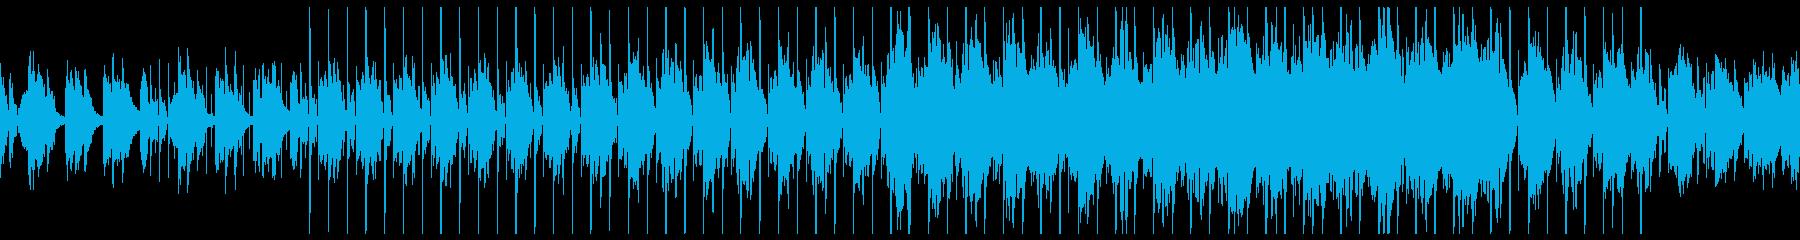 切ないギターのLofi Hiphopの再生済みの波形